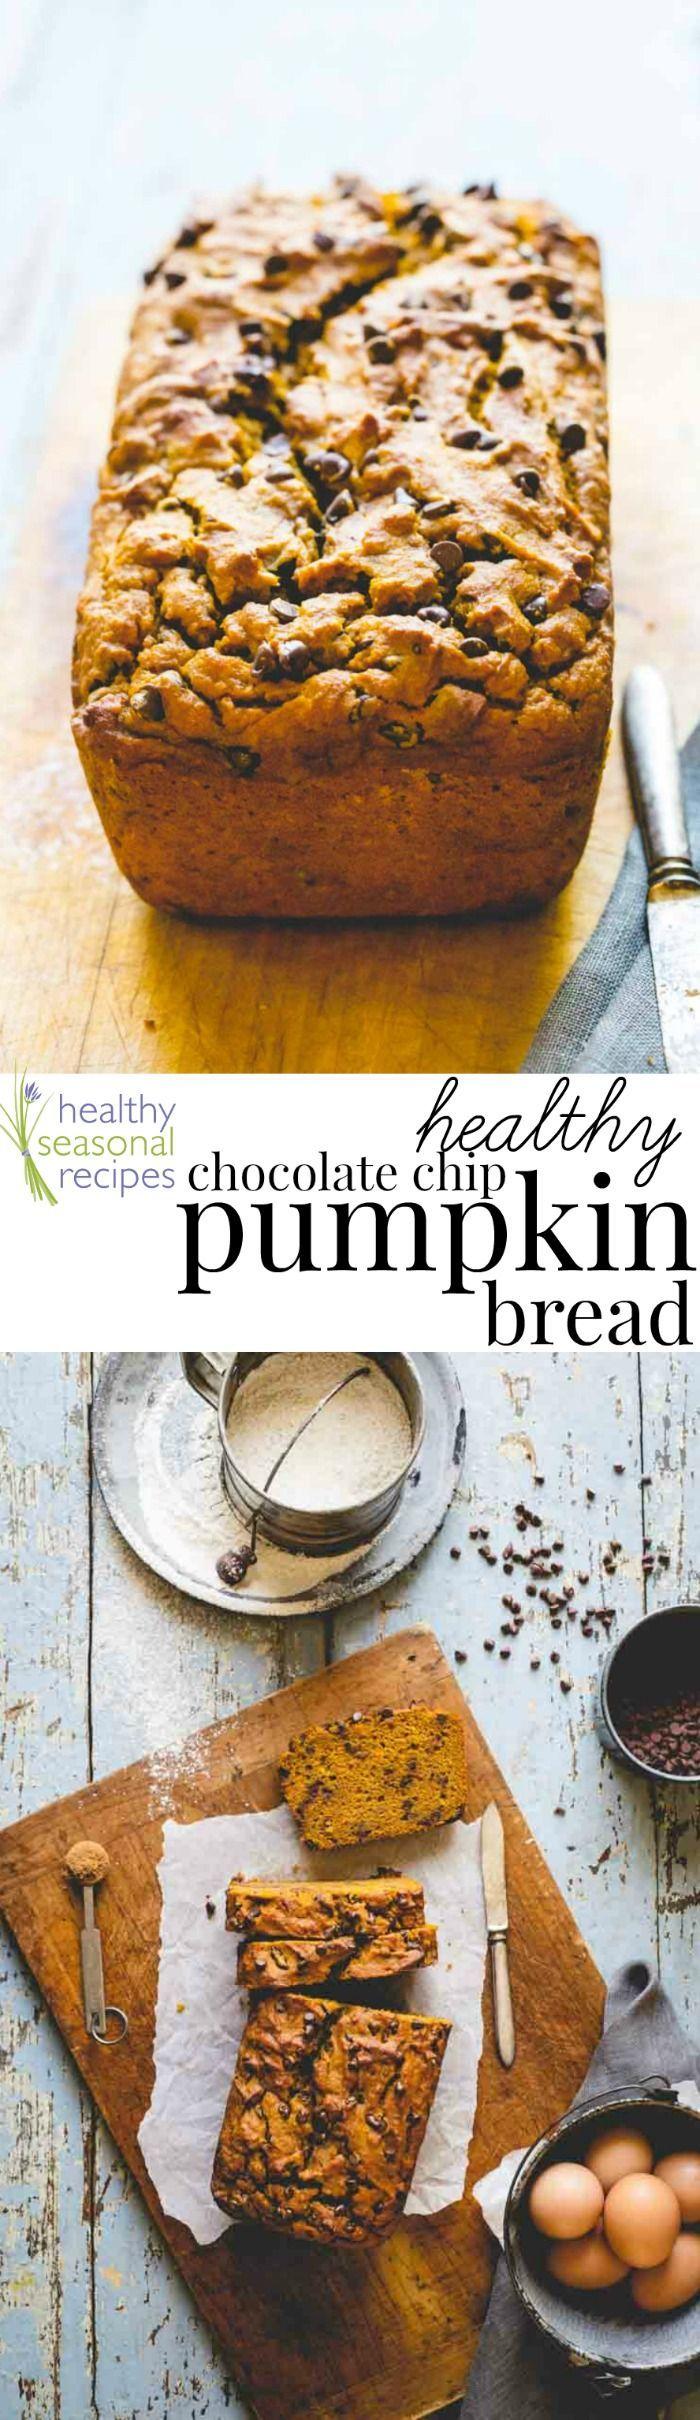 Healthy Chocolate Chip Pumpkin Bread | Healthy Seasonal Recipes